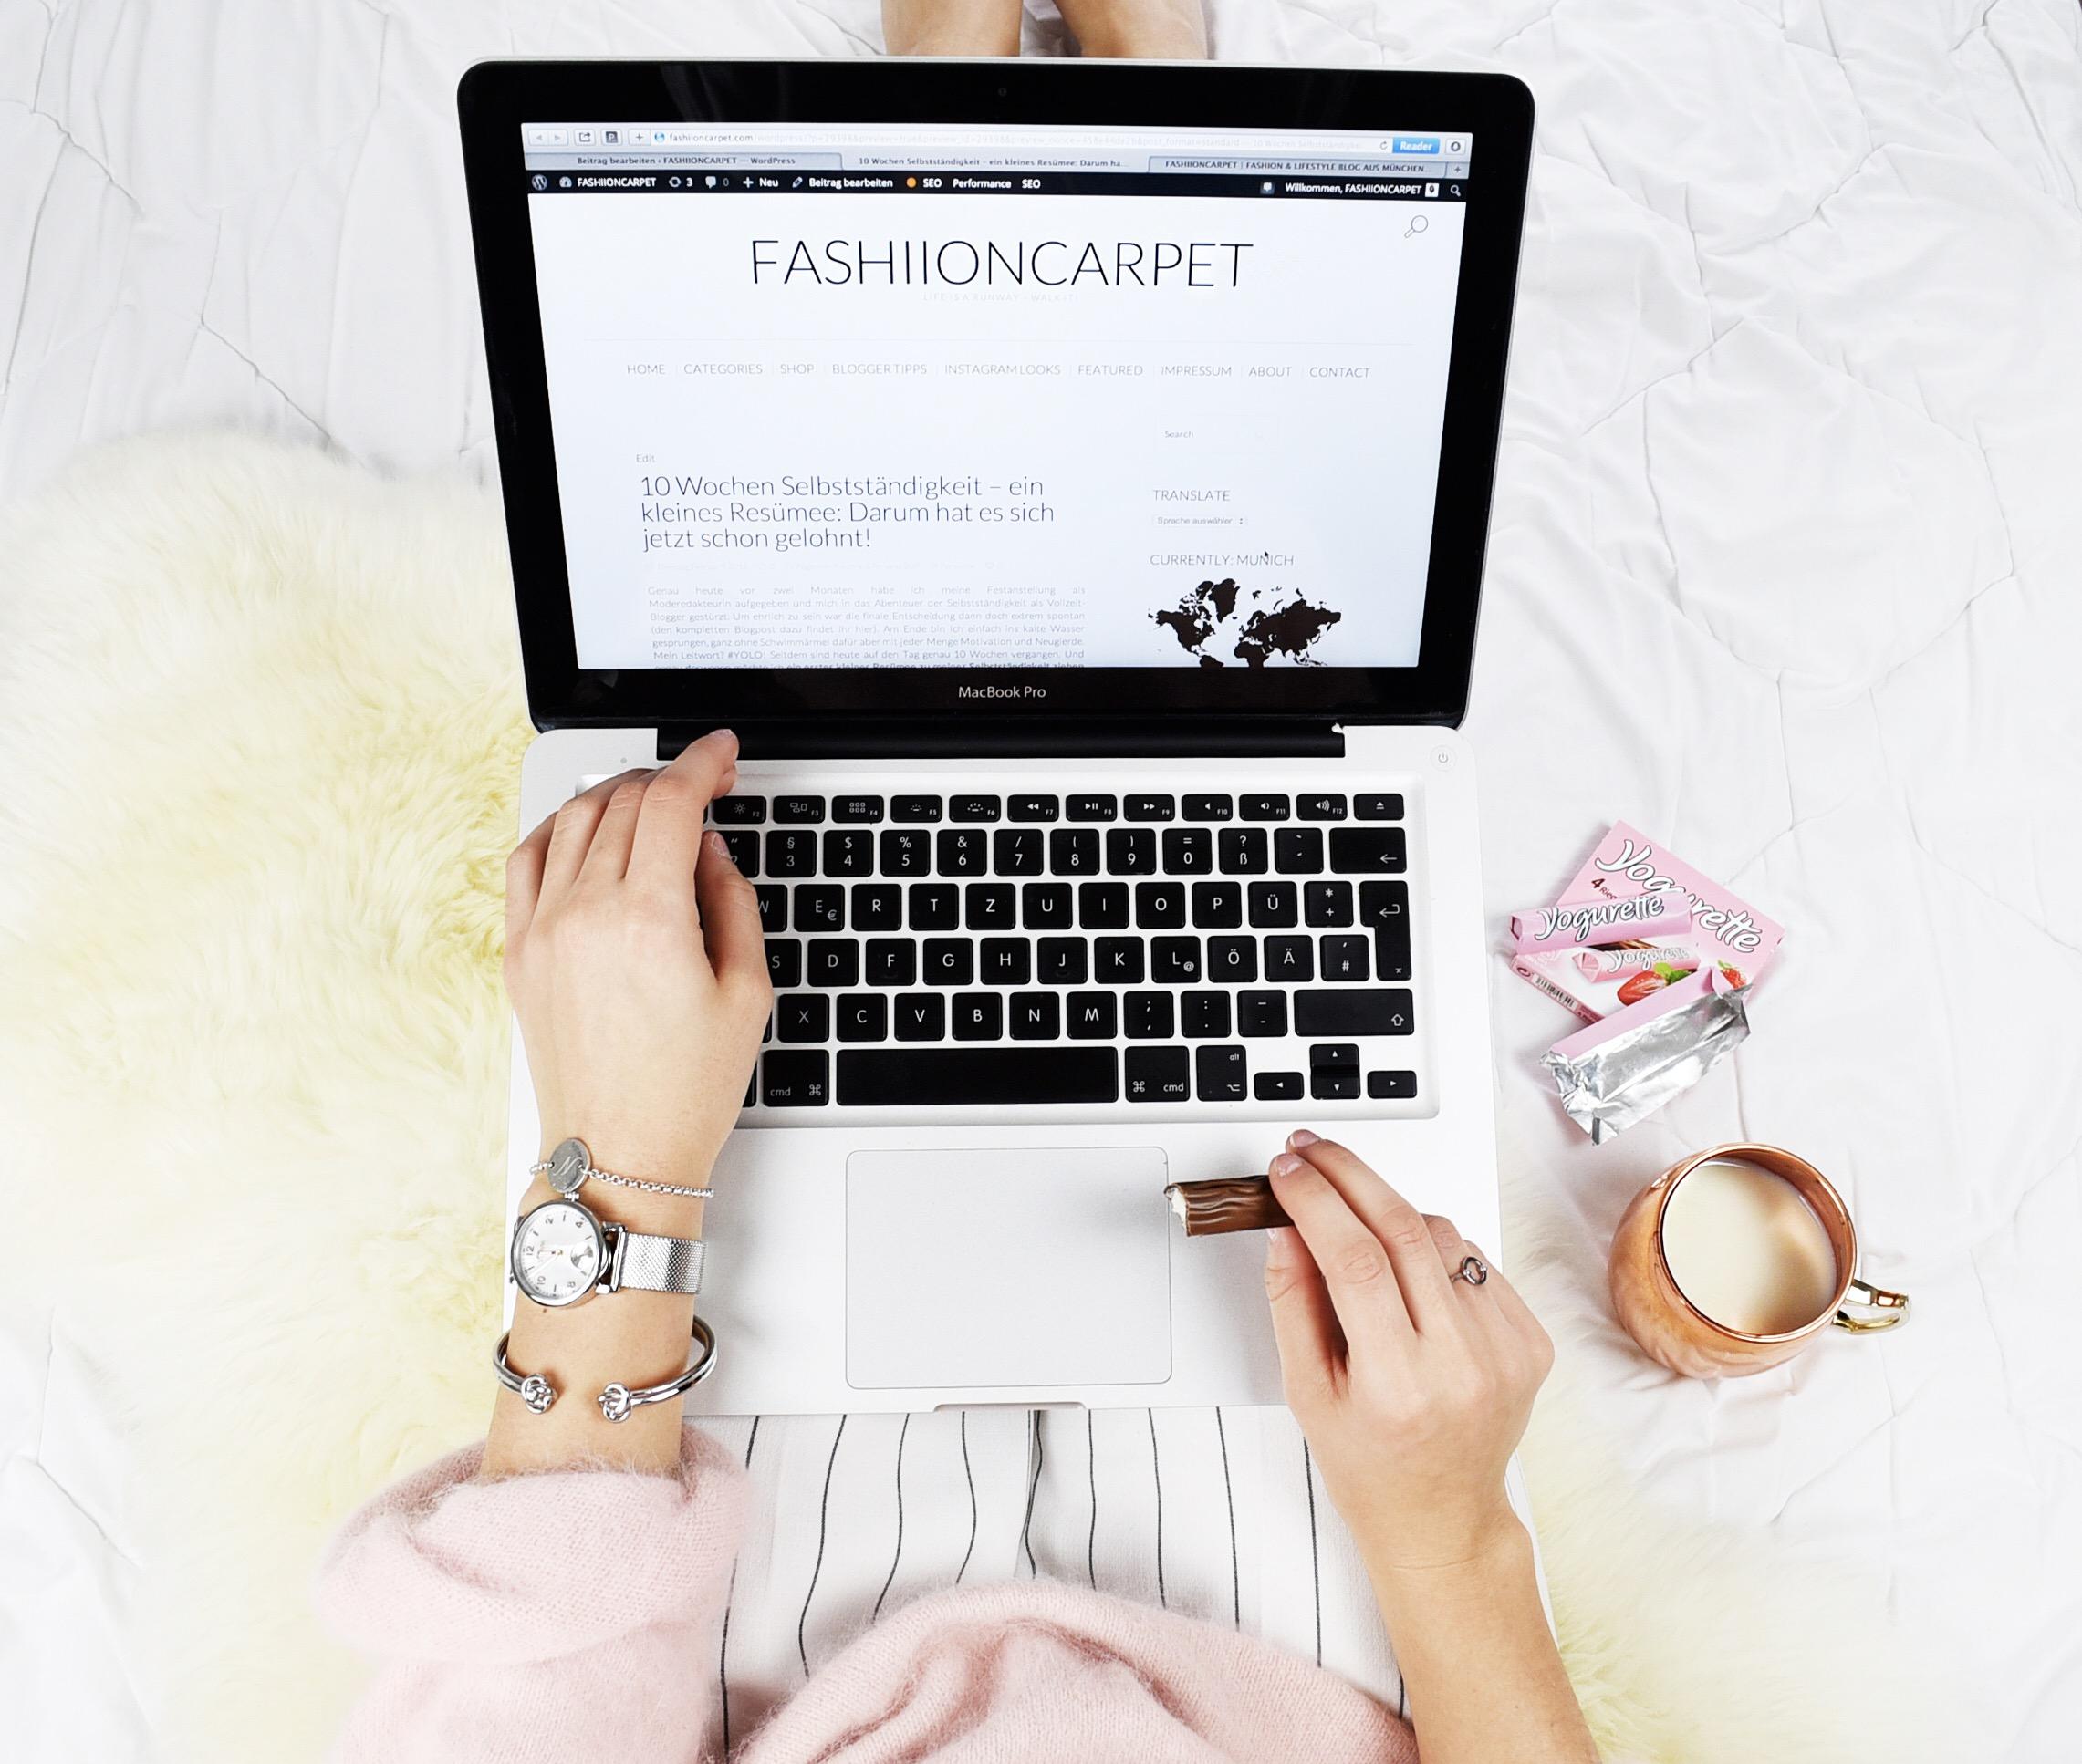 fashiioncarpet-nina-schwichtenberg-vollzeit-bloggerin